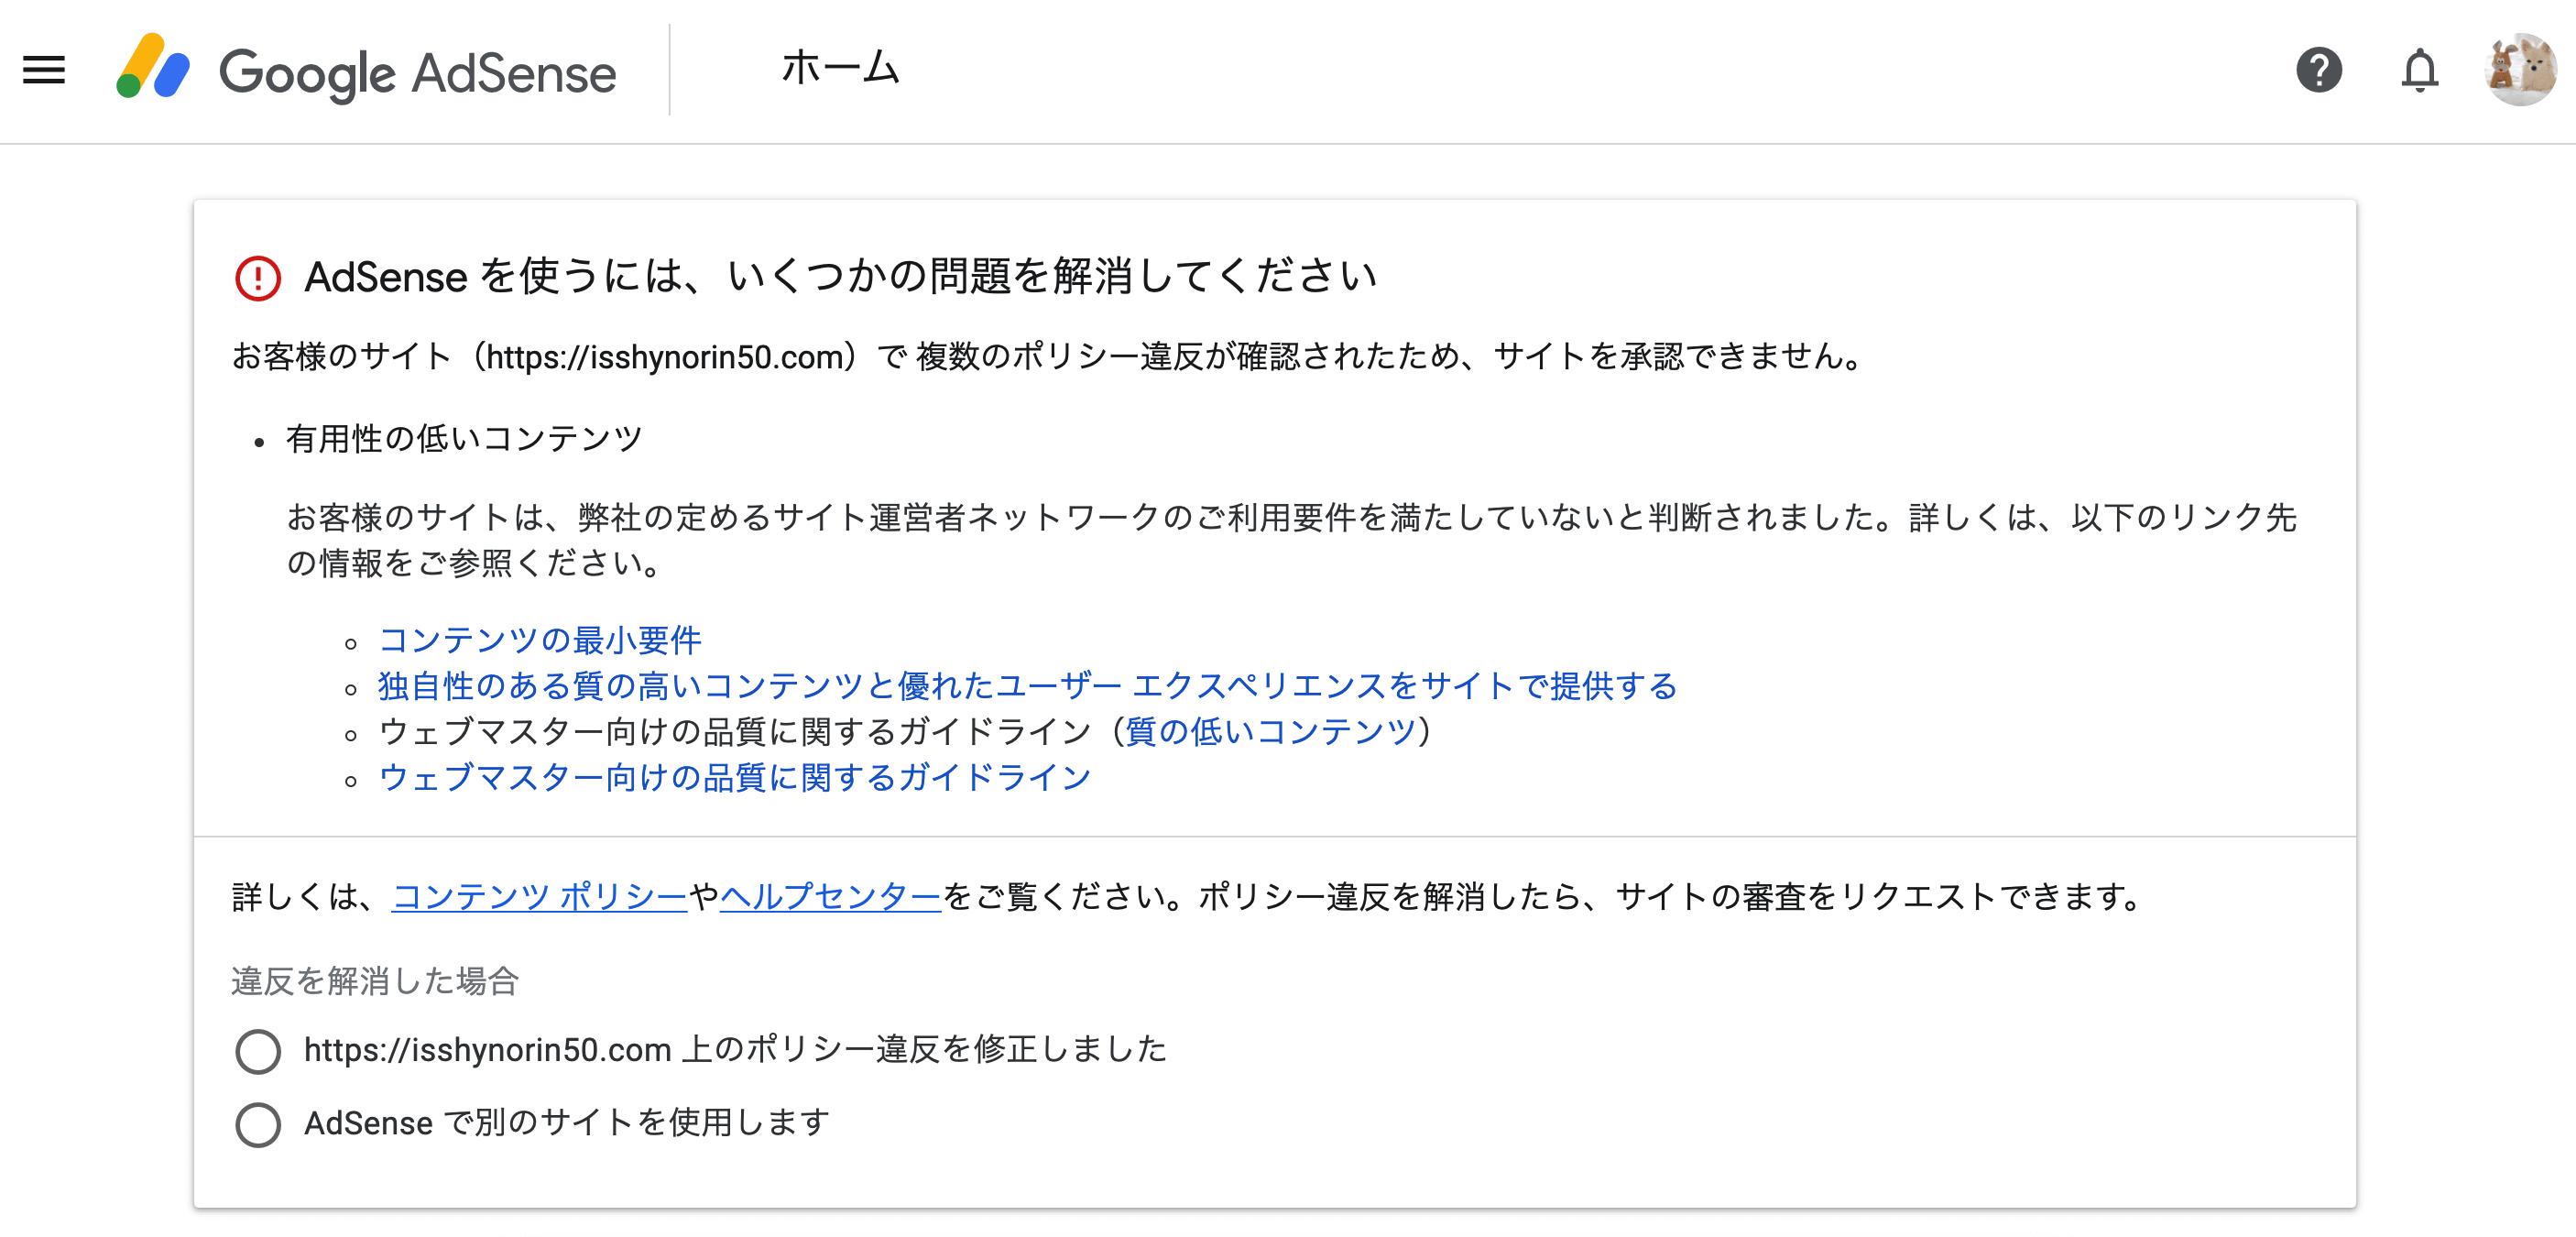 実際にグーグルアドセンスから届いた不合格内容(有用性の低いコンテンツ)が書いてあるスクリーンショット